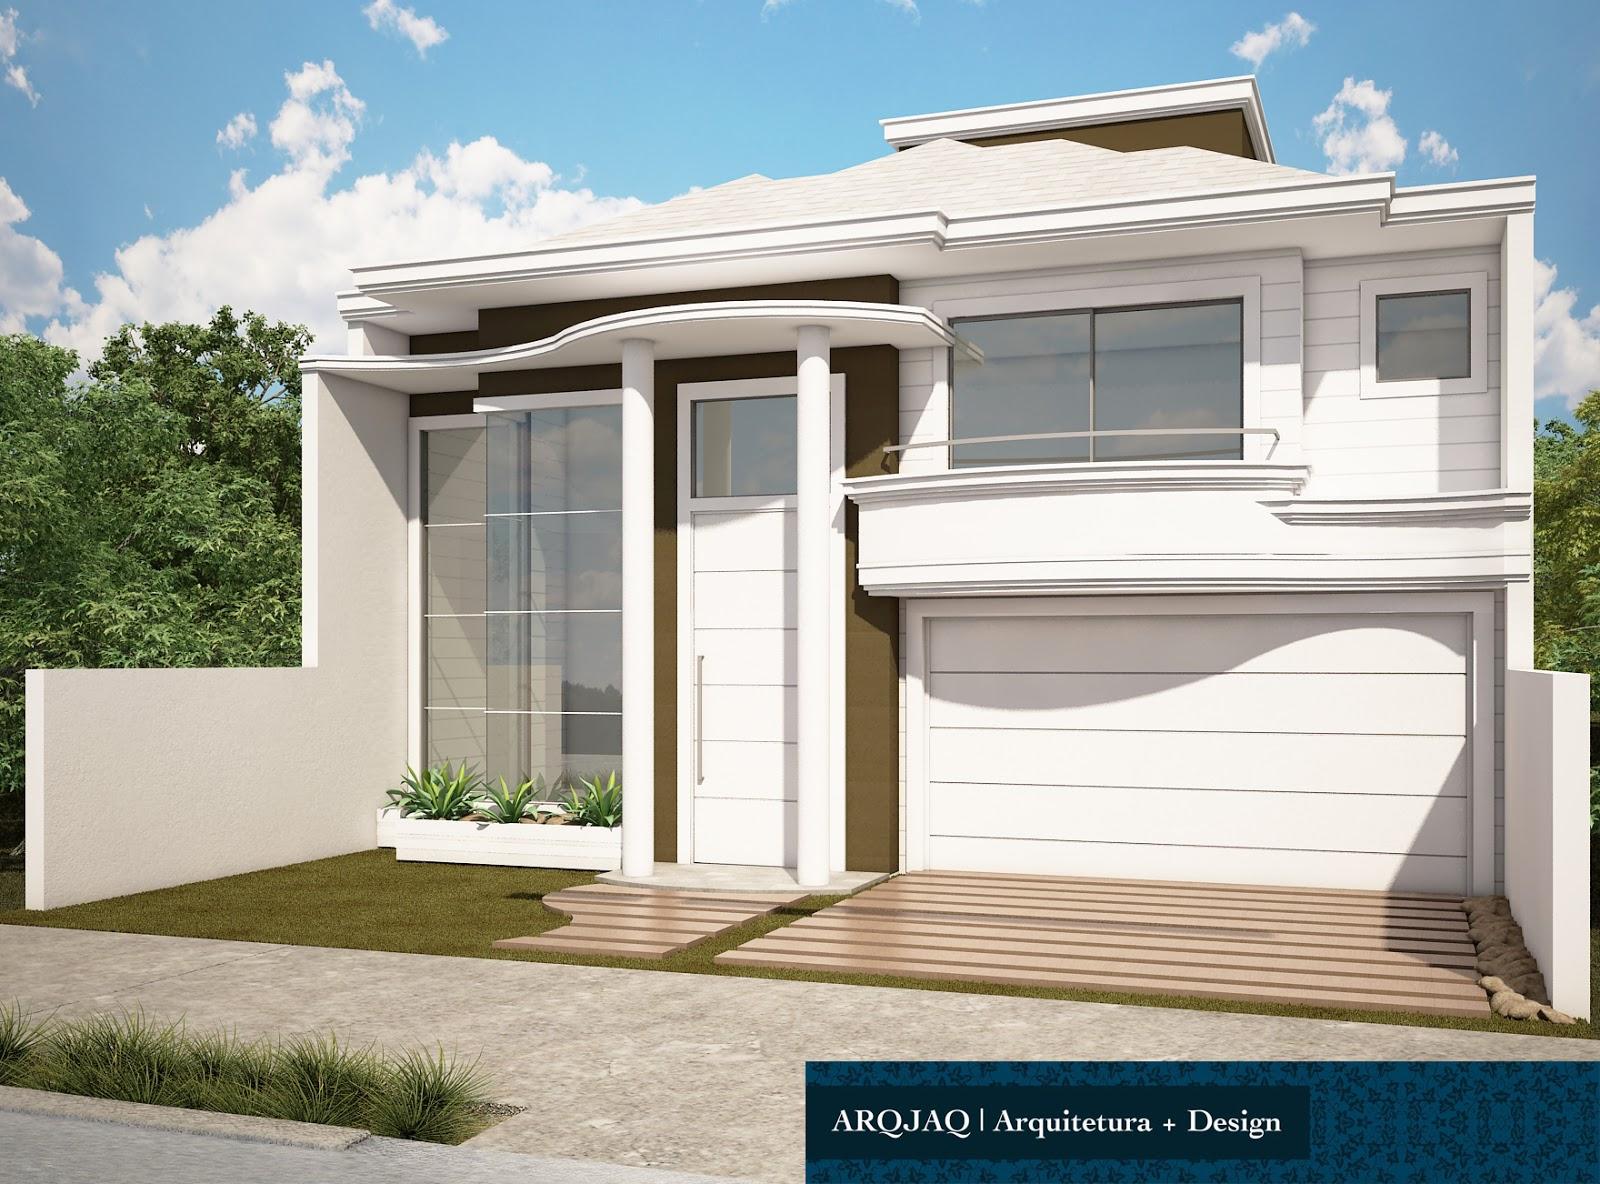 ARQJAQ I Jaqueline Machado Arquitetura: Fevereiro 2012 #2E749D 1600 1184